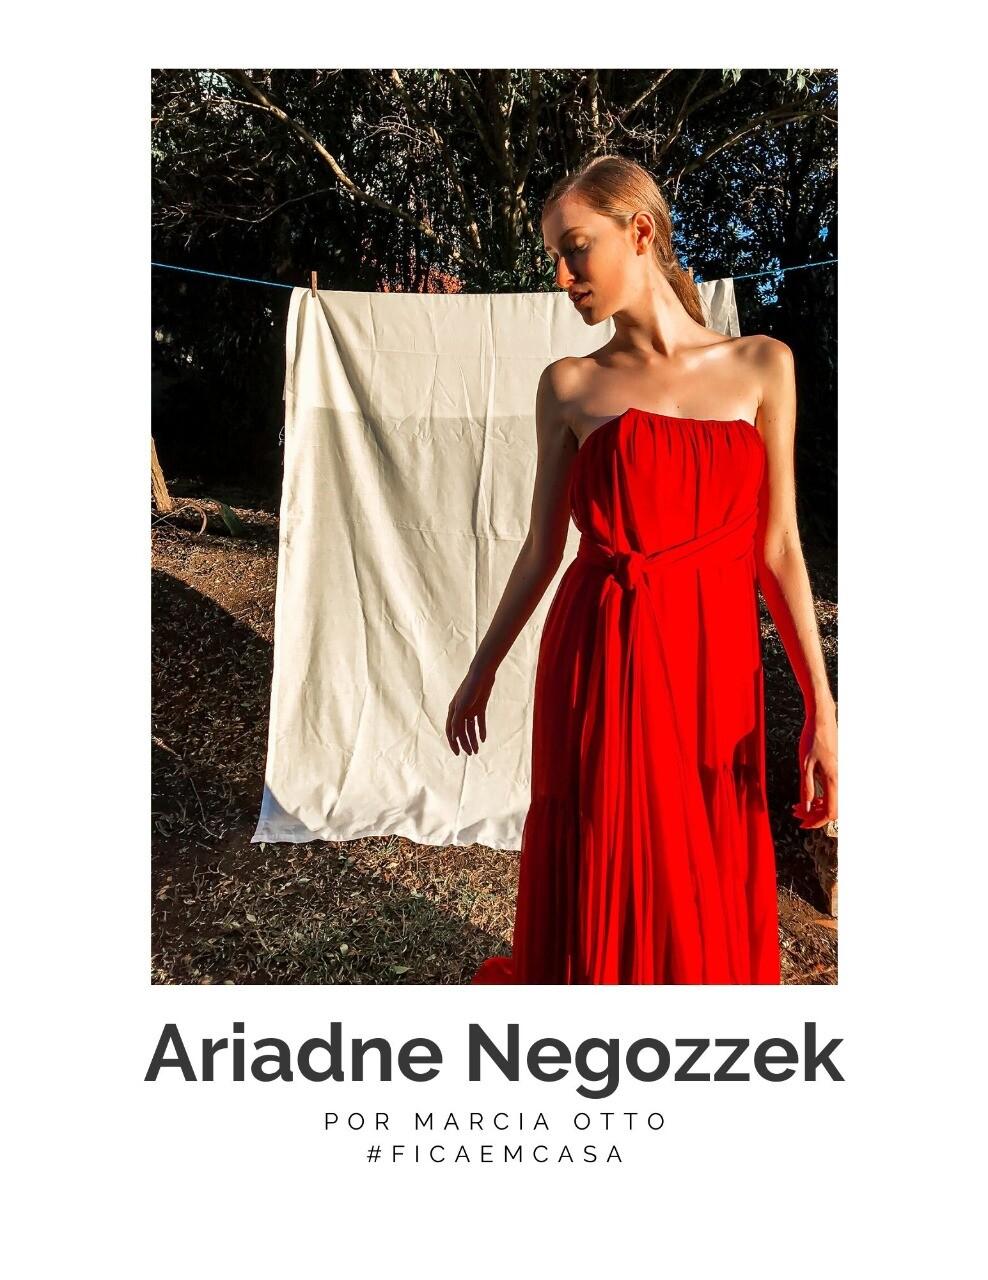 Ariadne Negozzeck